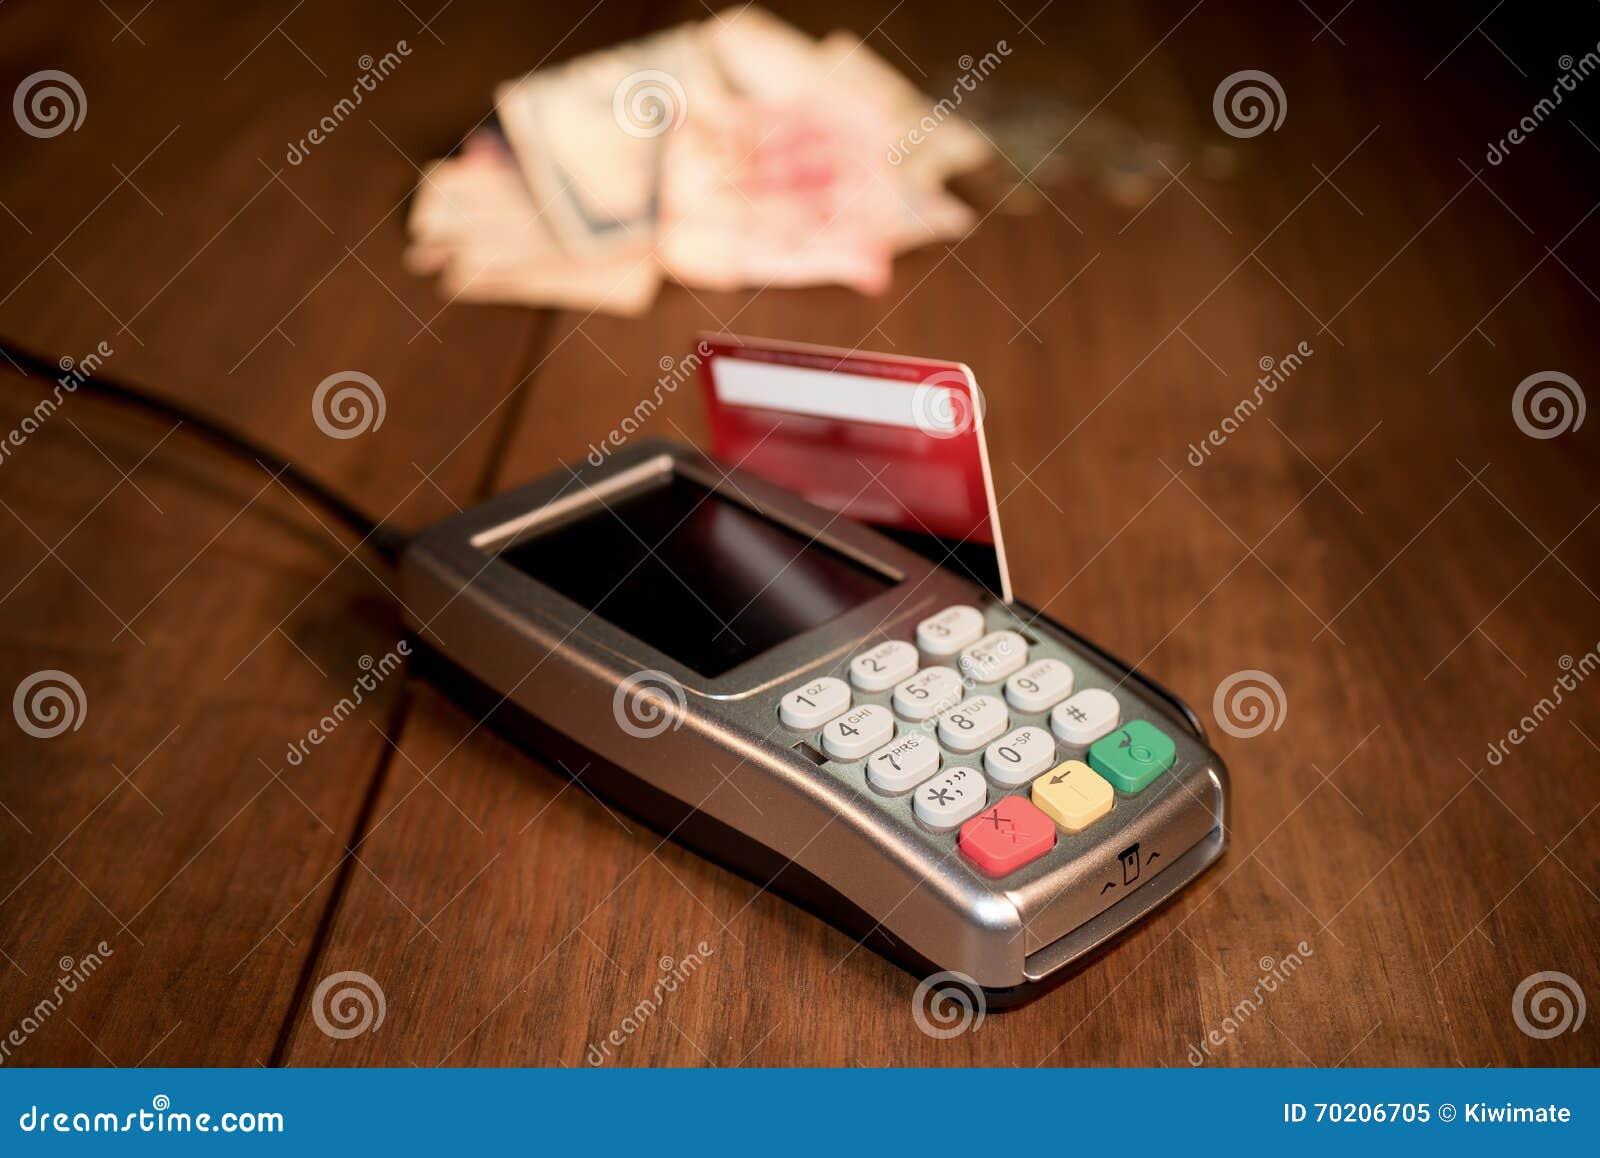 Positions-Anschluss gegen Geld